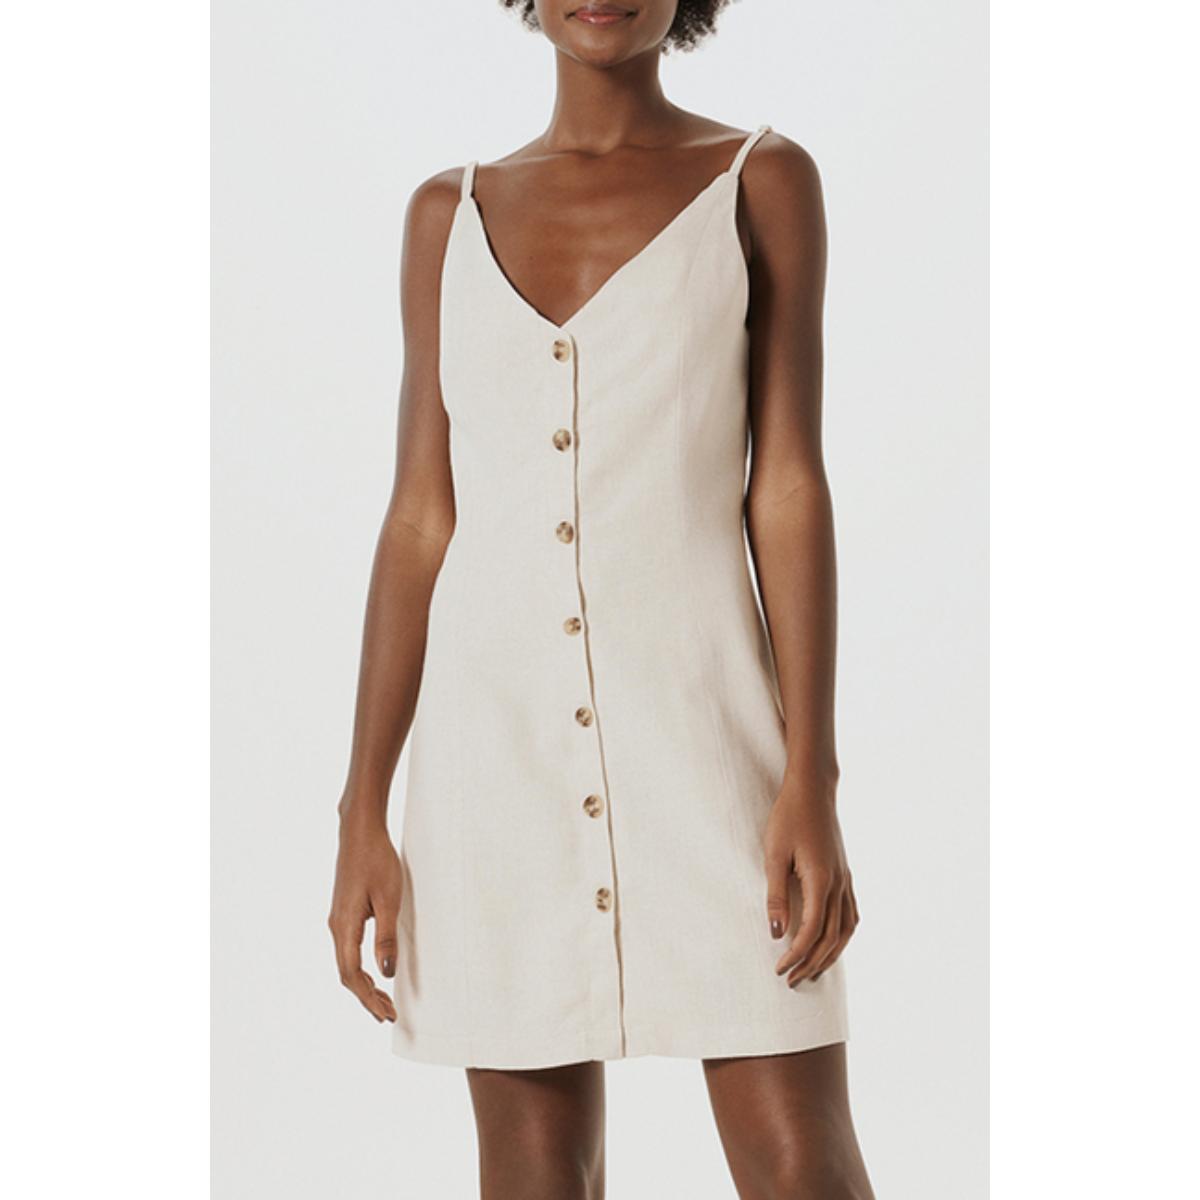 Vestido Feminino Hering K4ed 1dsi Off White